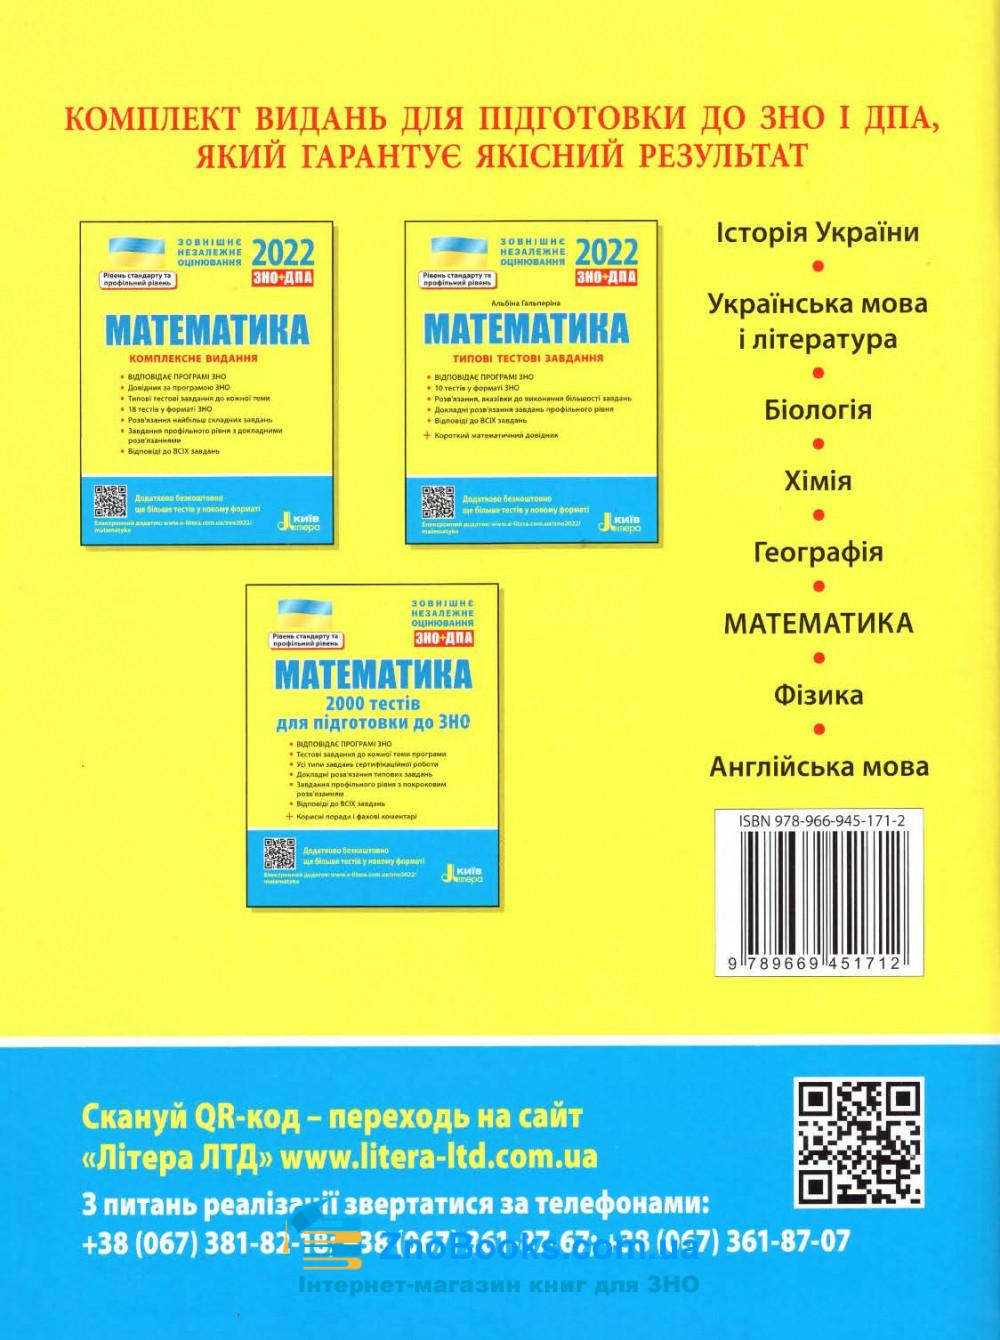 Математика ЗНО 2022. Комплексне видання + типові тестові завдання/КОМПЛЕКТ/ : Гальперіна А., Захарійченко Ю.  Літера 13